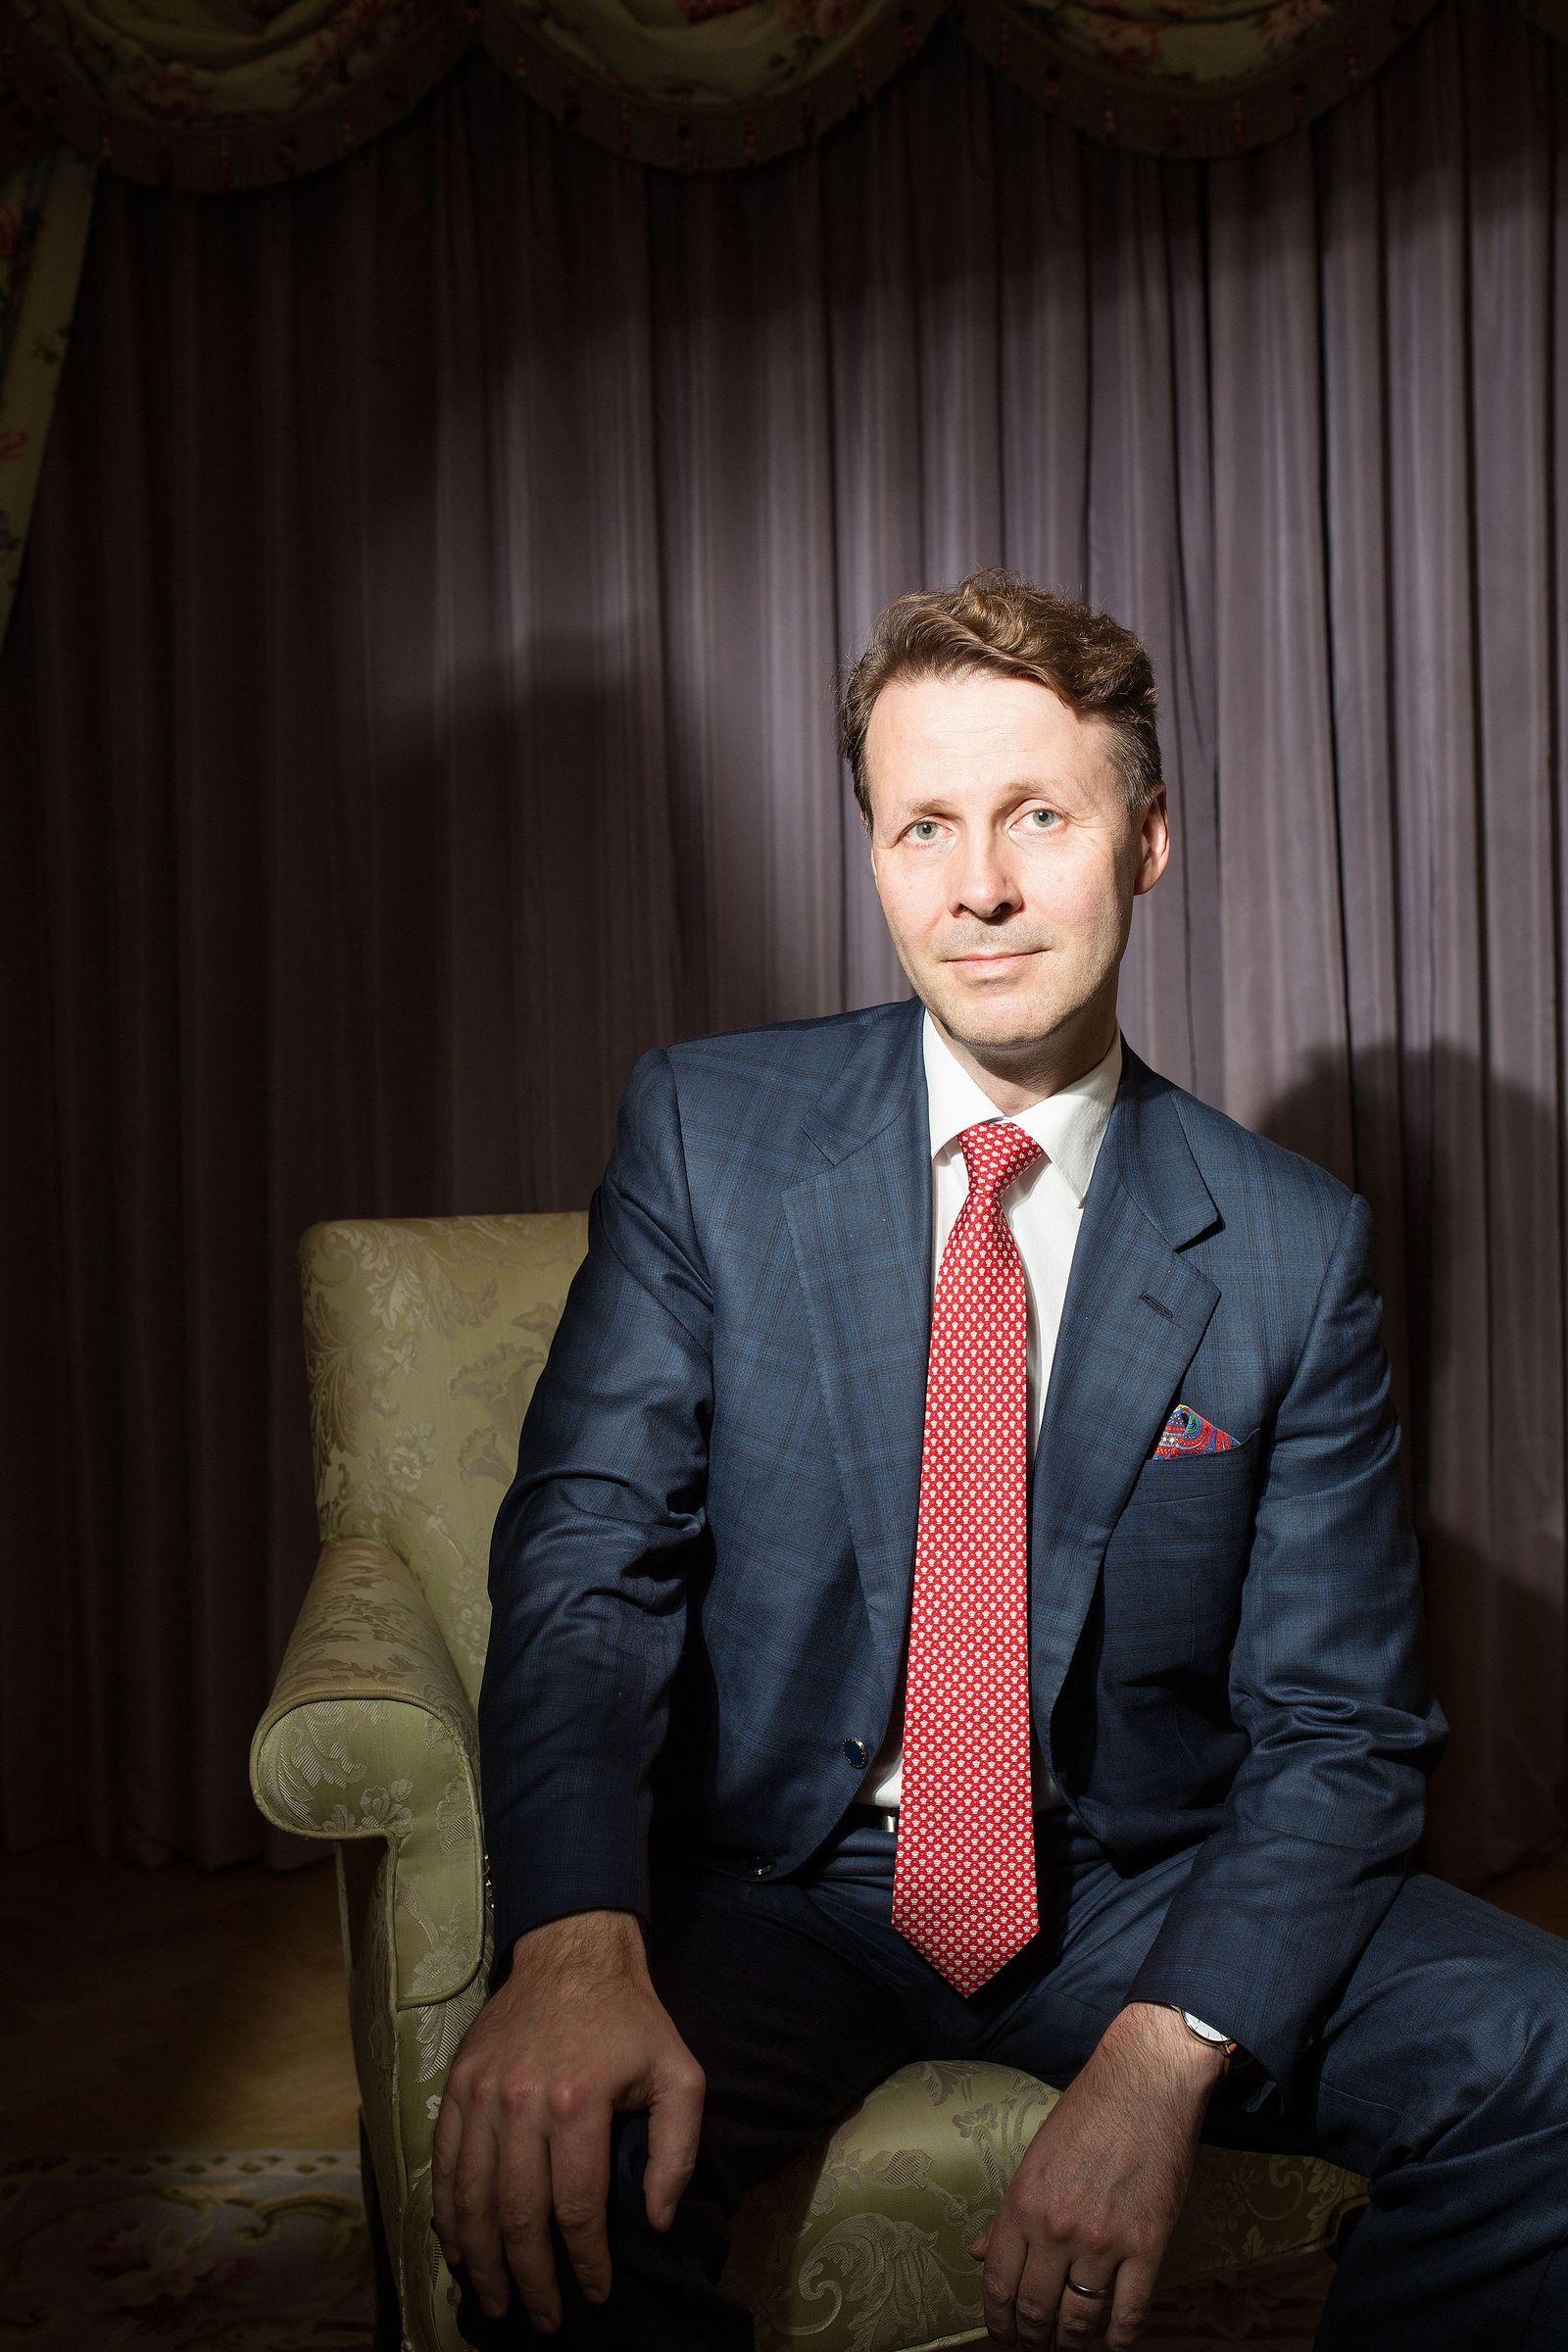 Risto Siilasmaa, chairman of Nokia.